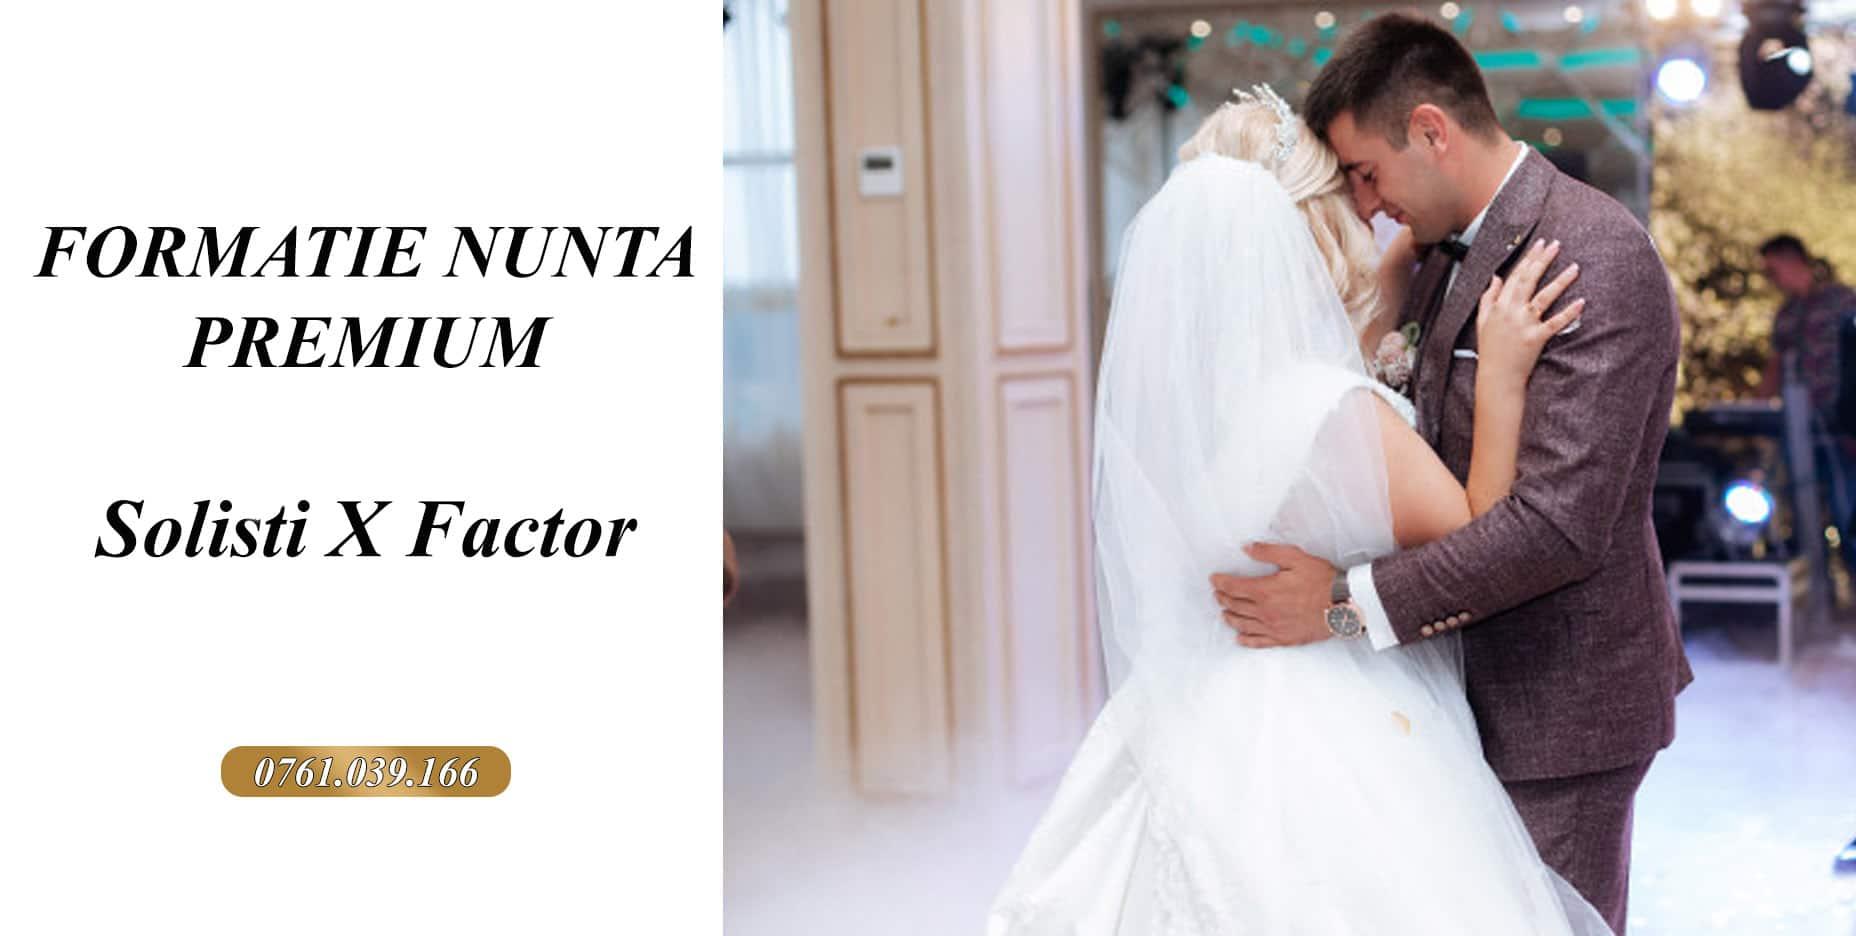 formatie nunta pret